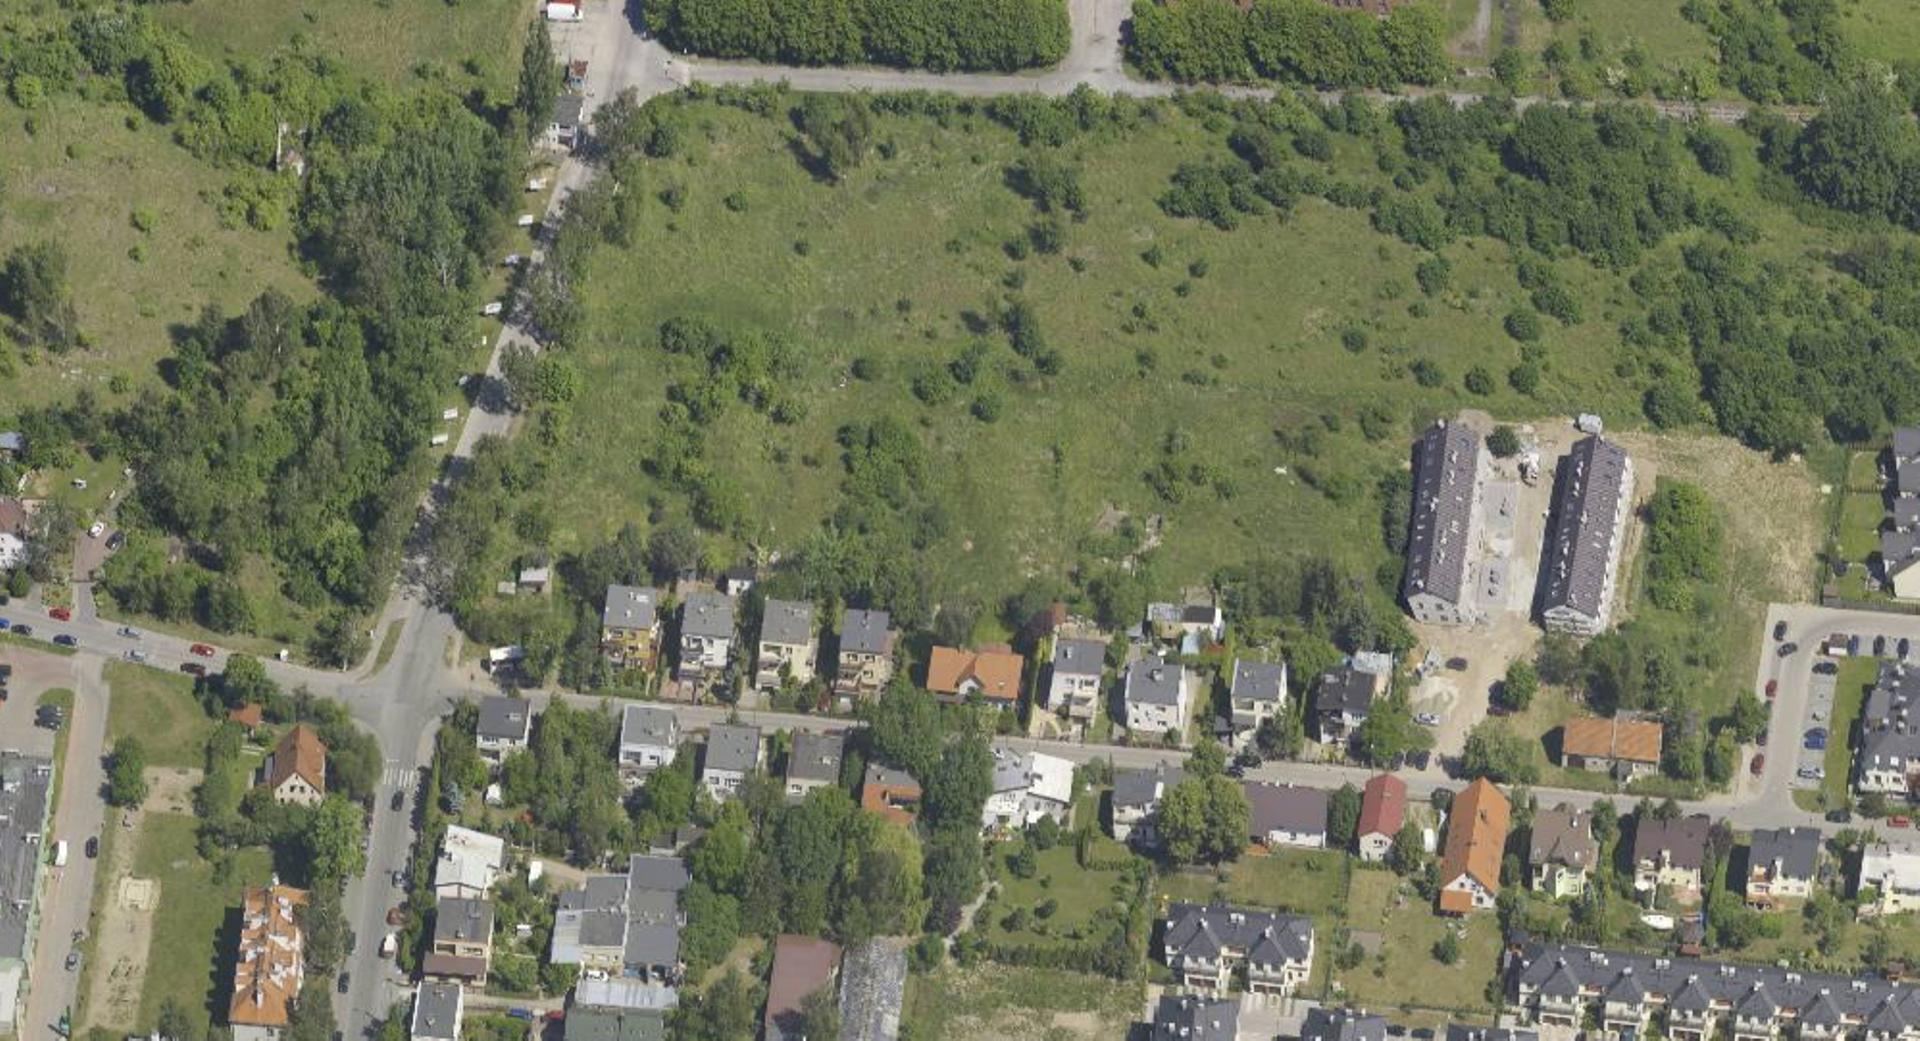 Wrocław: Hektarowy teren na Maślicach trafi pod młotek. Urzędnicy zmienili zasady skomunikowania inwestycji